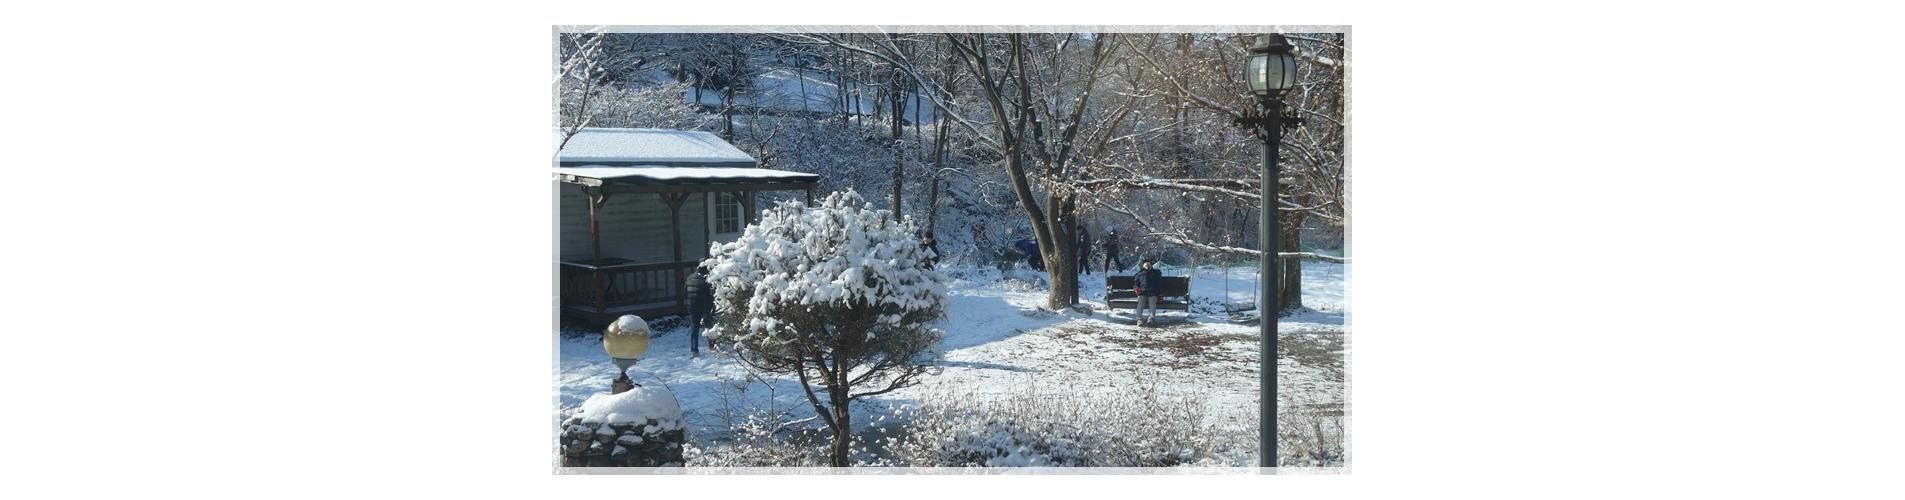 2014-12-05 푸른숲